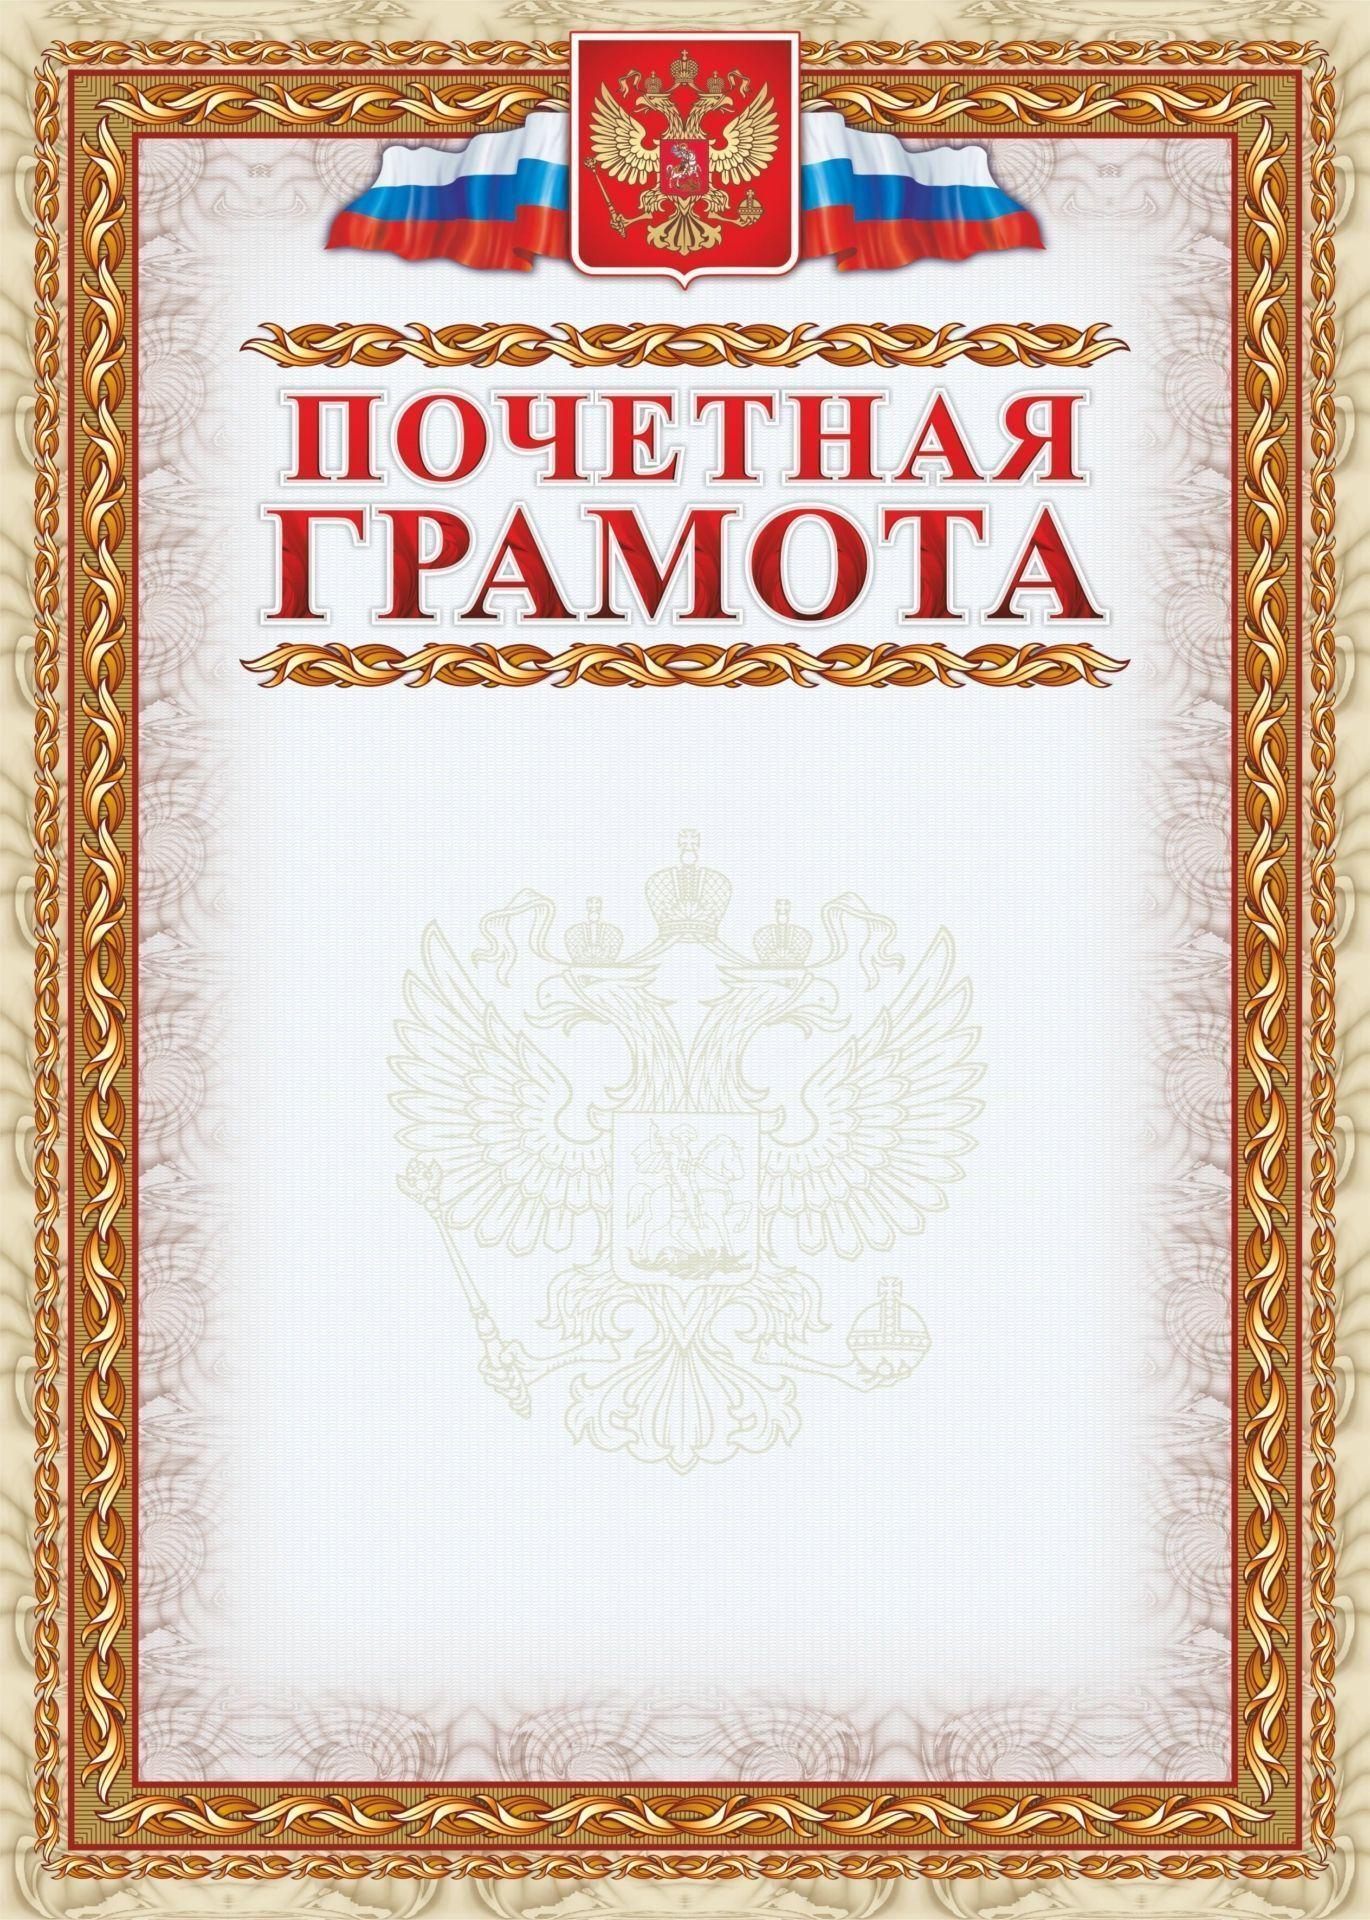 Купить со скидкой Почетная грамота (с гербом и флагом, рамка картинная) (упаковка 200шт)